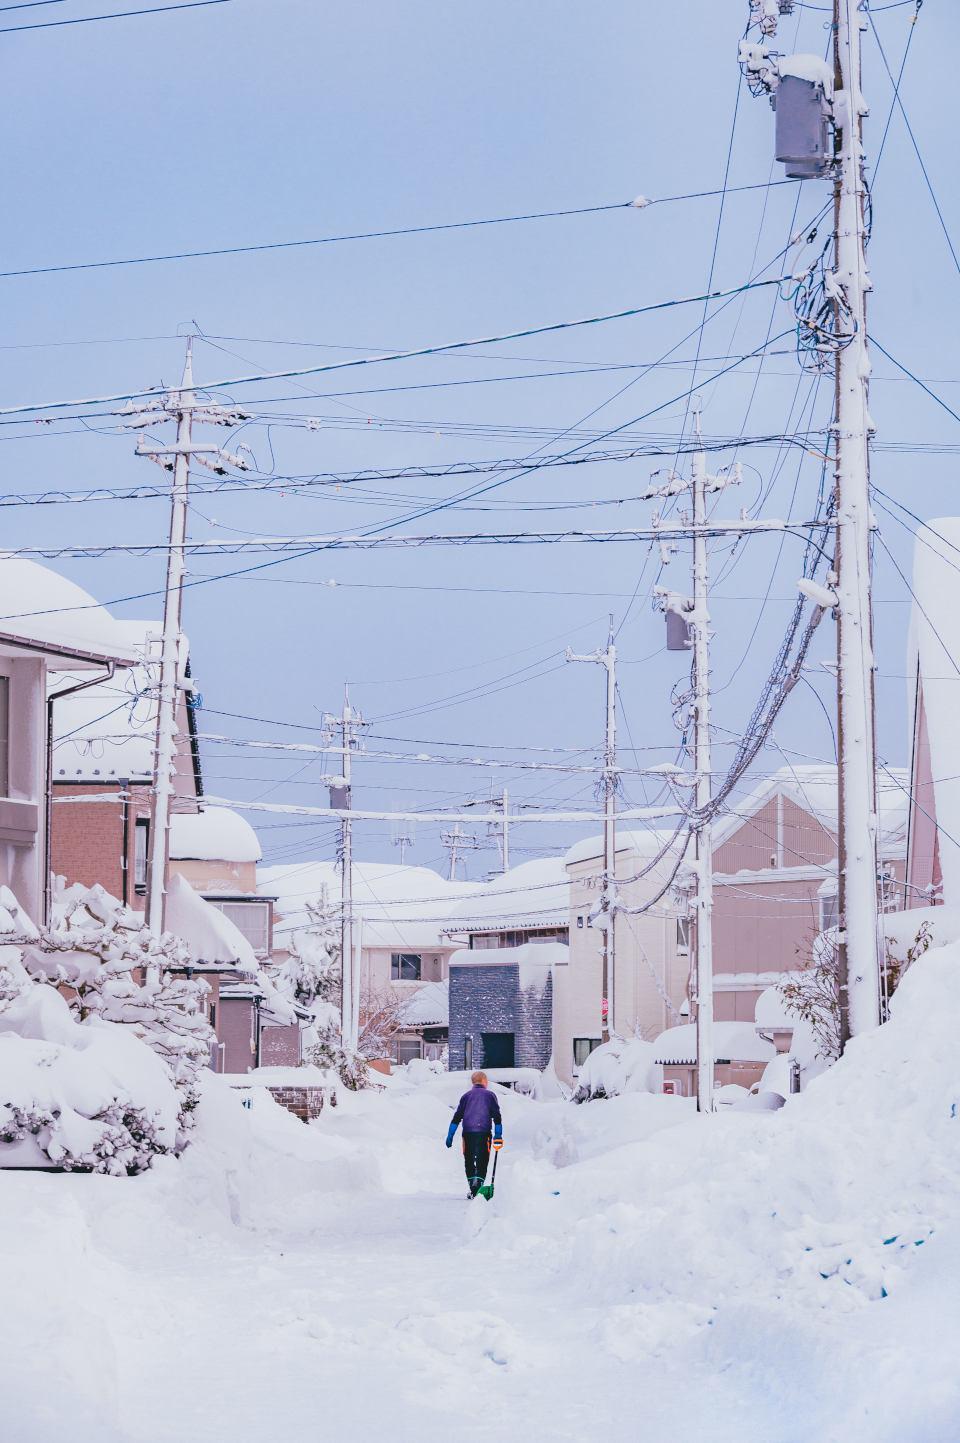 雪がつくるアニメのワンシーンのような冬景色 - 日本の四季を届けるフォトレター by Akine Coco